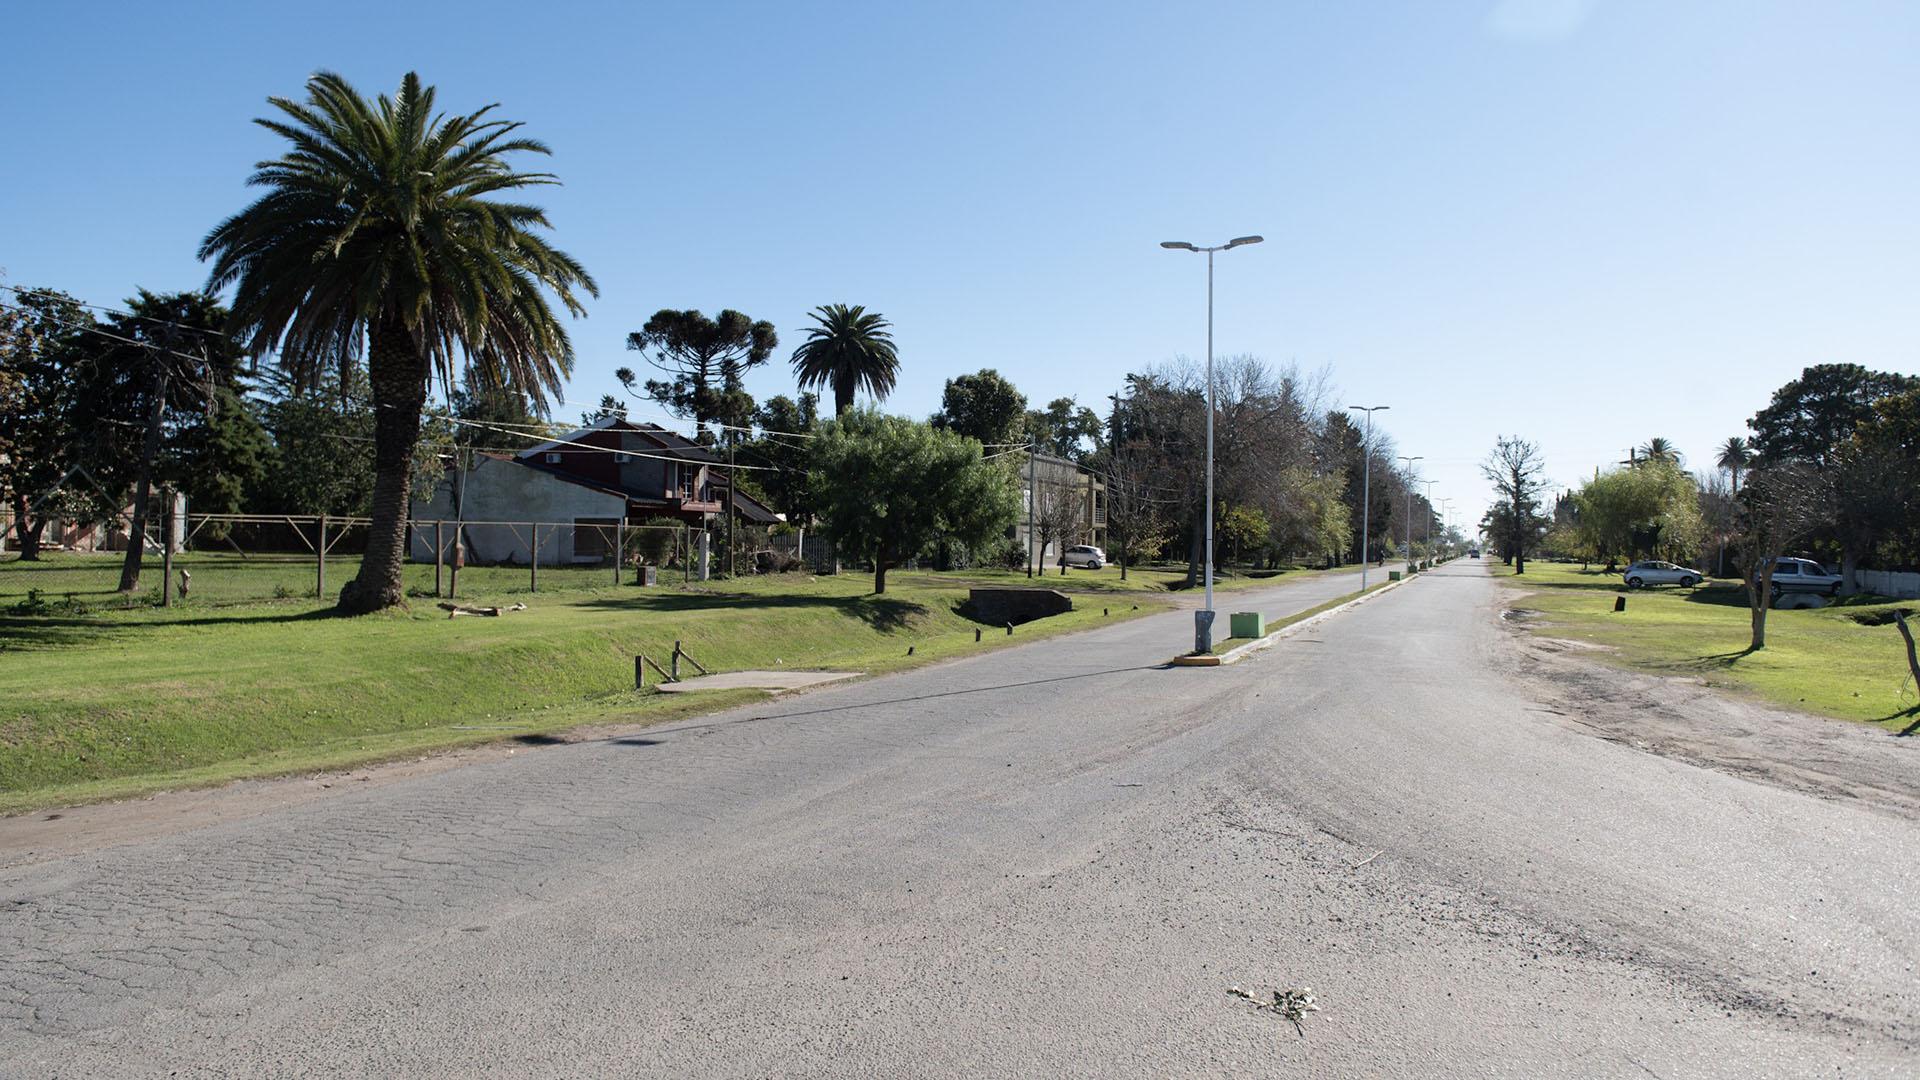 La ciudad está atravesada por la Ruta 3 y se une justamente cuadras después a la calle donde se ocasionó el choque del Fiat Spazio 147 con el acoplado del camión estacionada sobre el kilómetro 111 de la colectora 9 de Julio, esquina Pedro Nolasco López